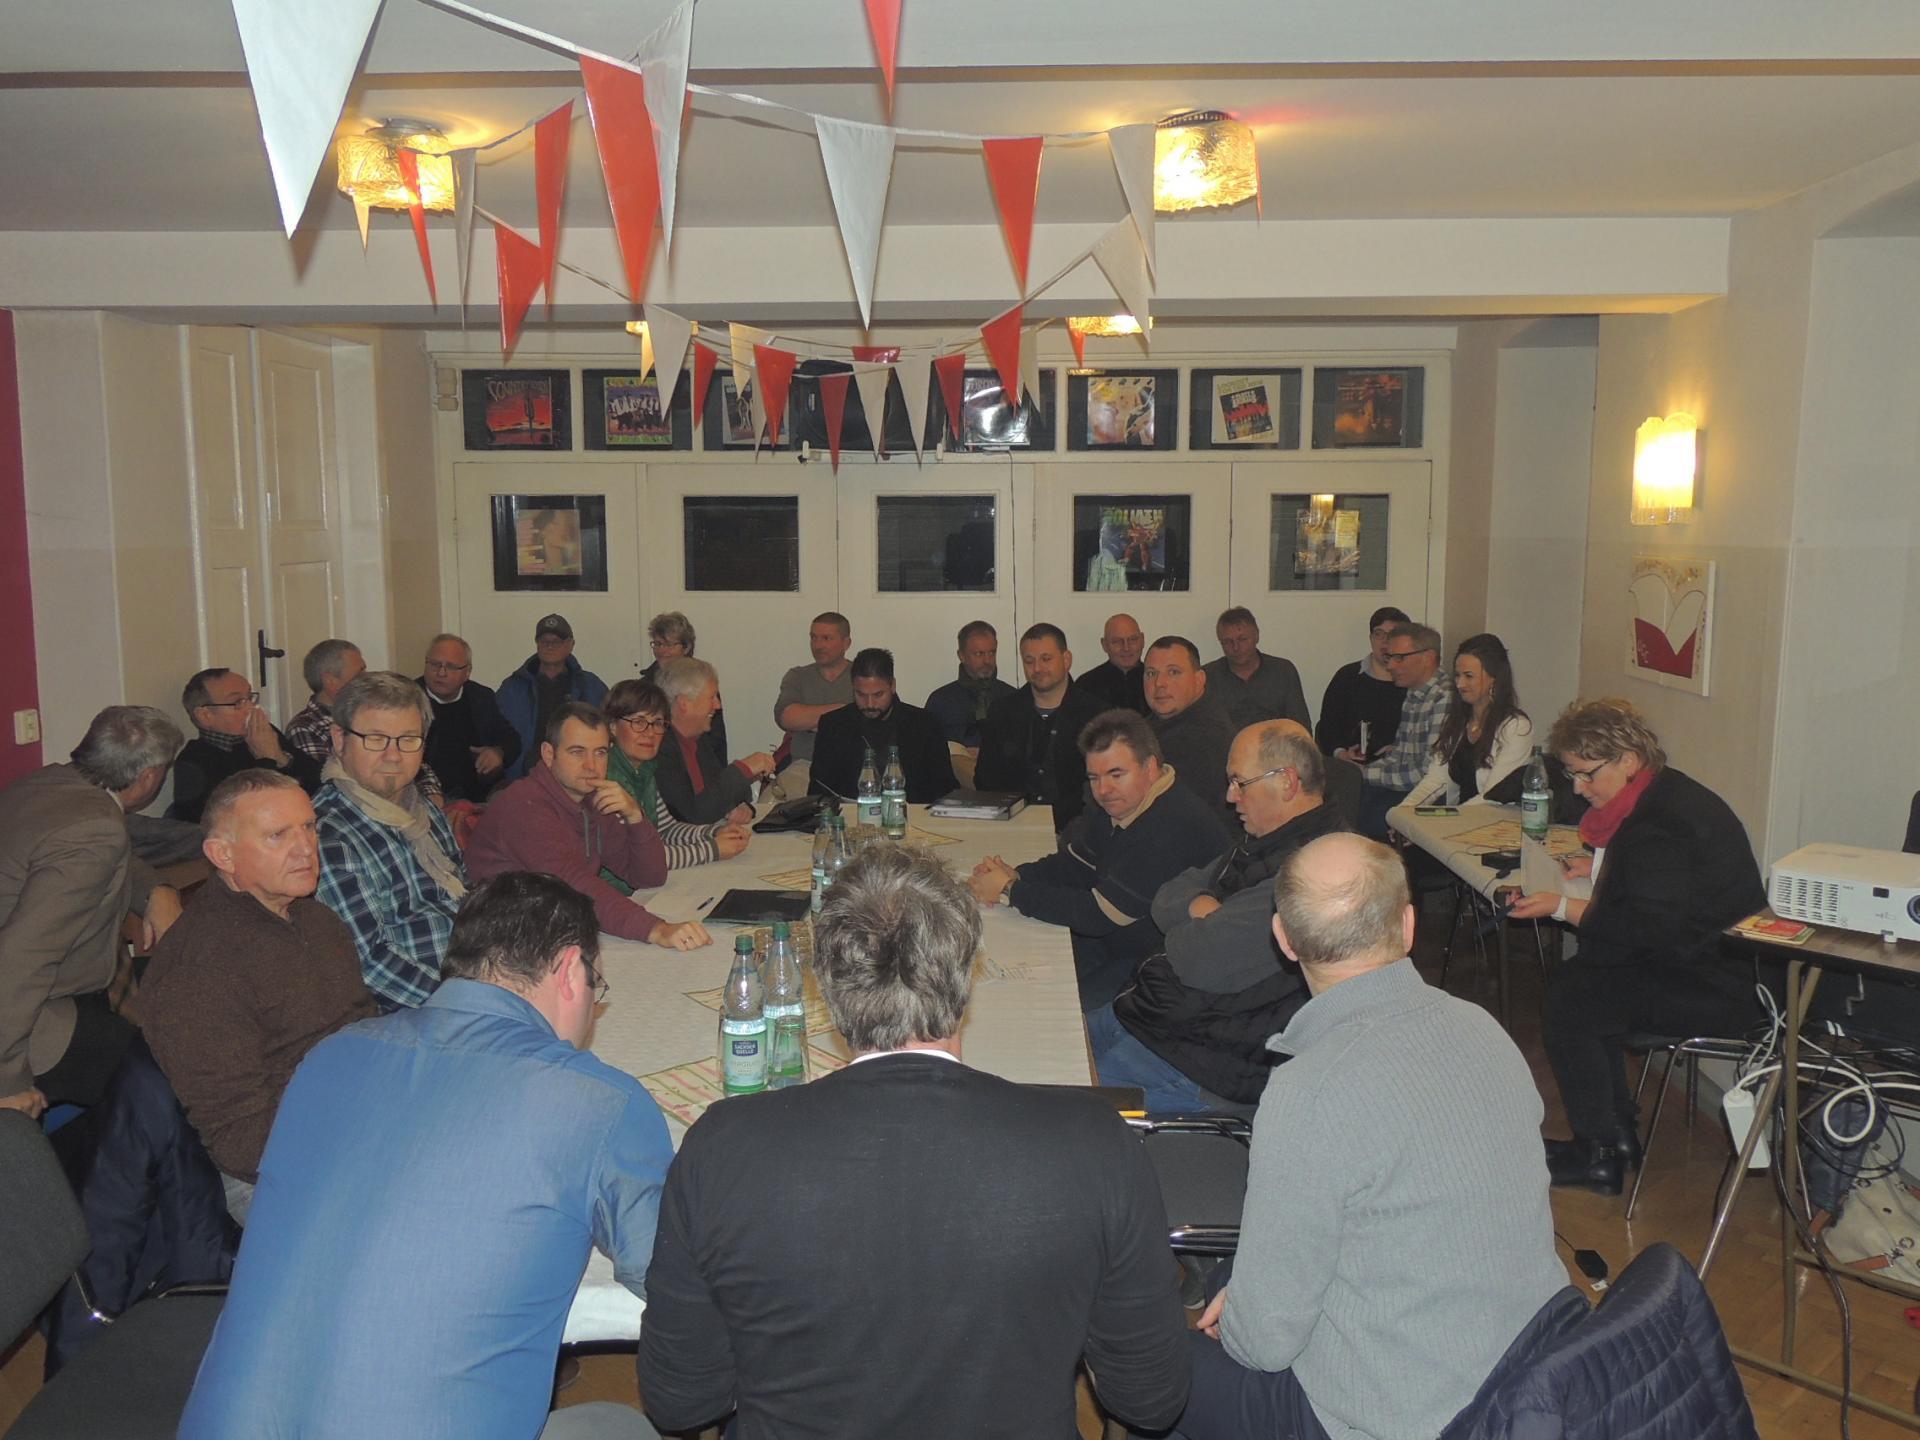 Sitzung des Ausschusses für Stadtentwicklung, Bau und Umwelt im Vereinshaus Oberschmon